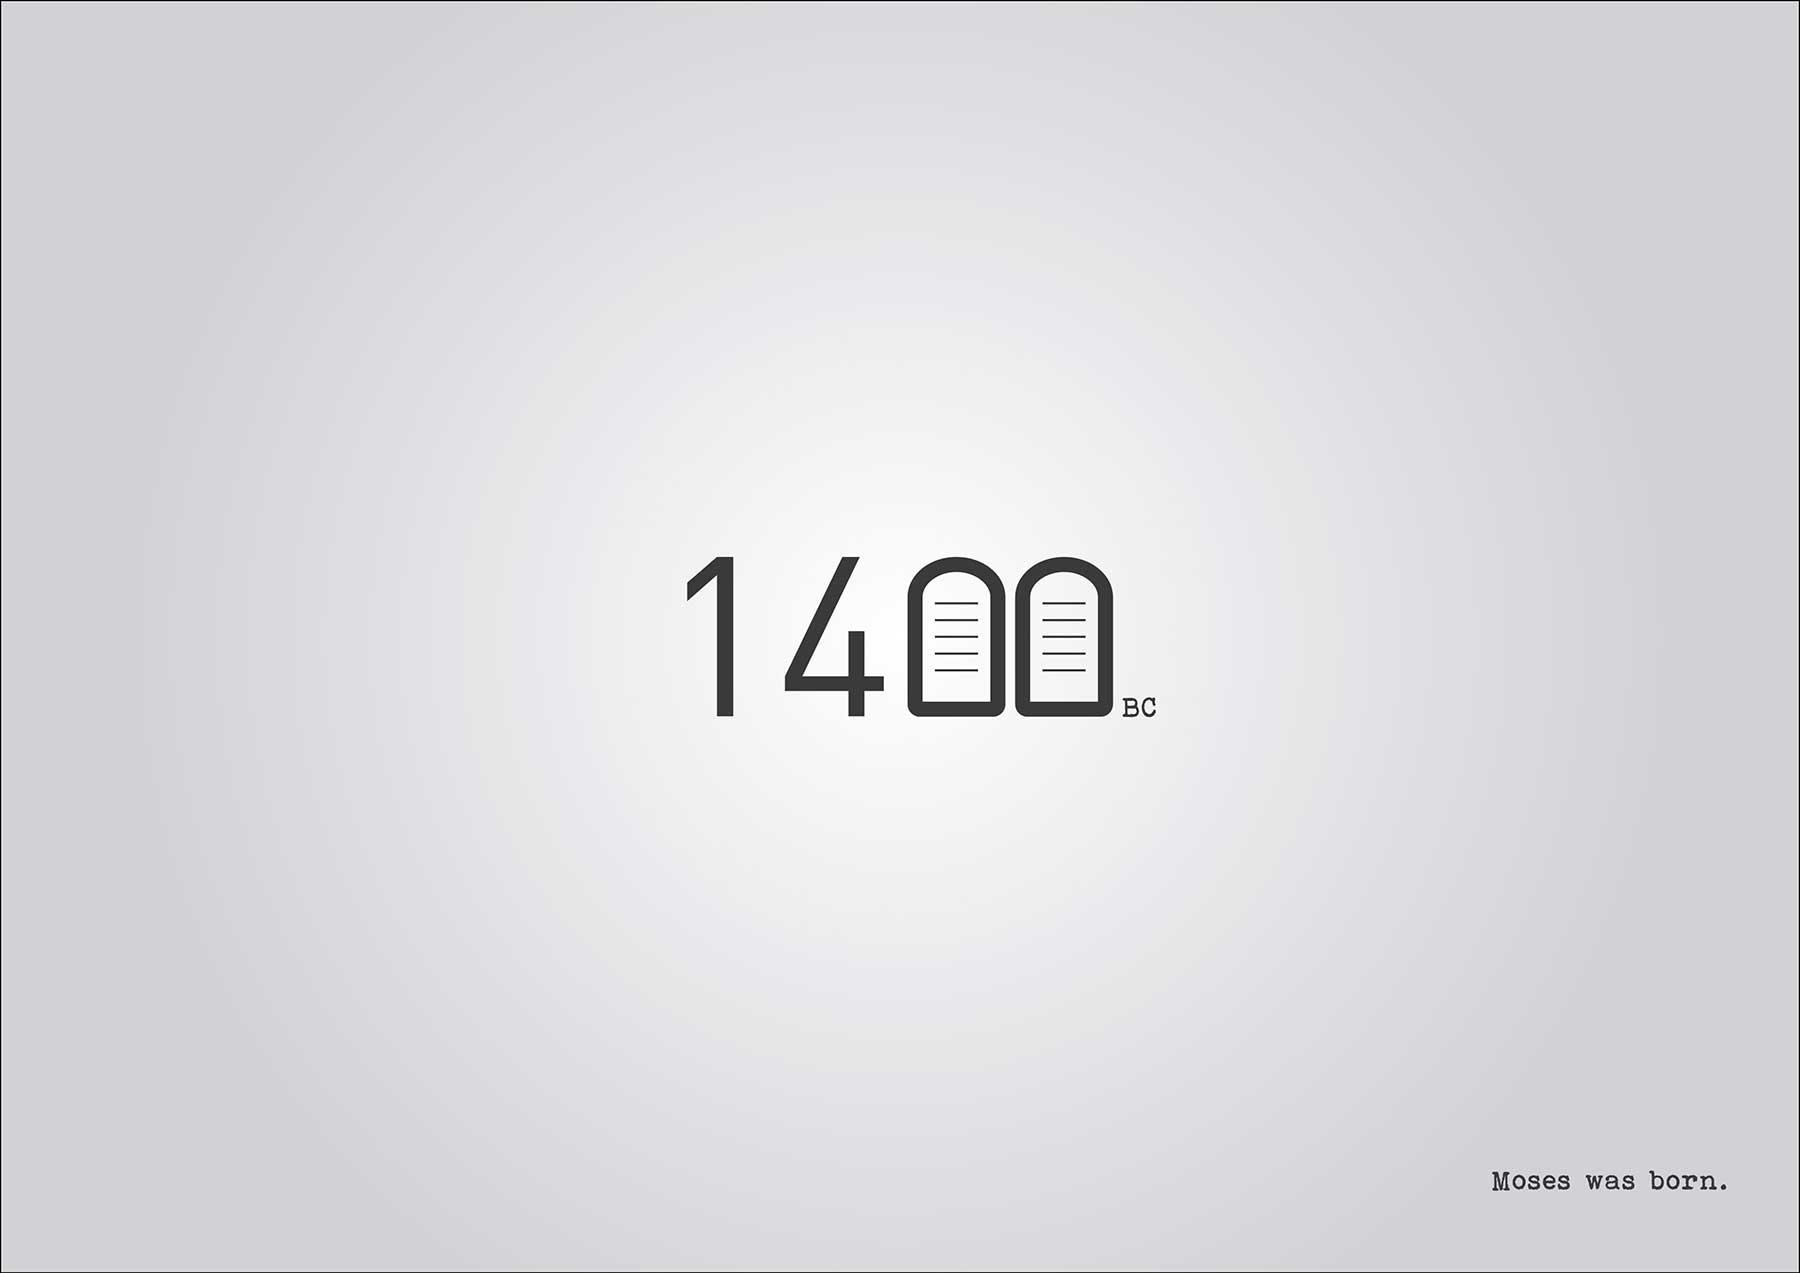 Jahreszahlen anhand ihrer Geschehnisse gestaltet Digital-Chronicles-jahreszahlen_08